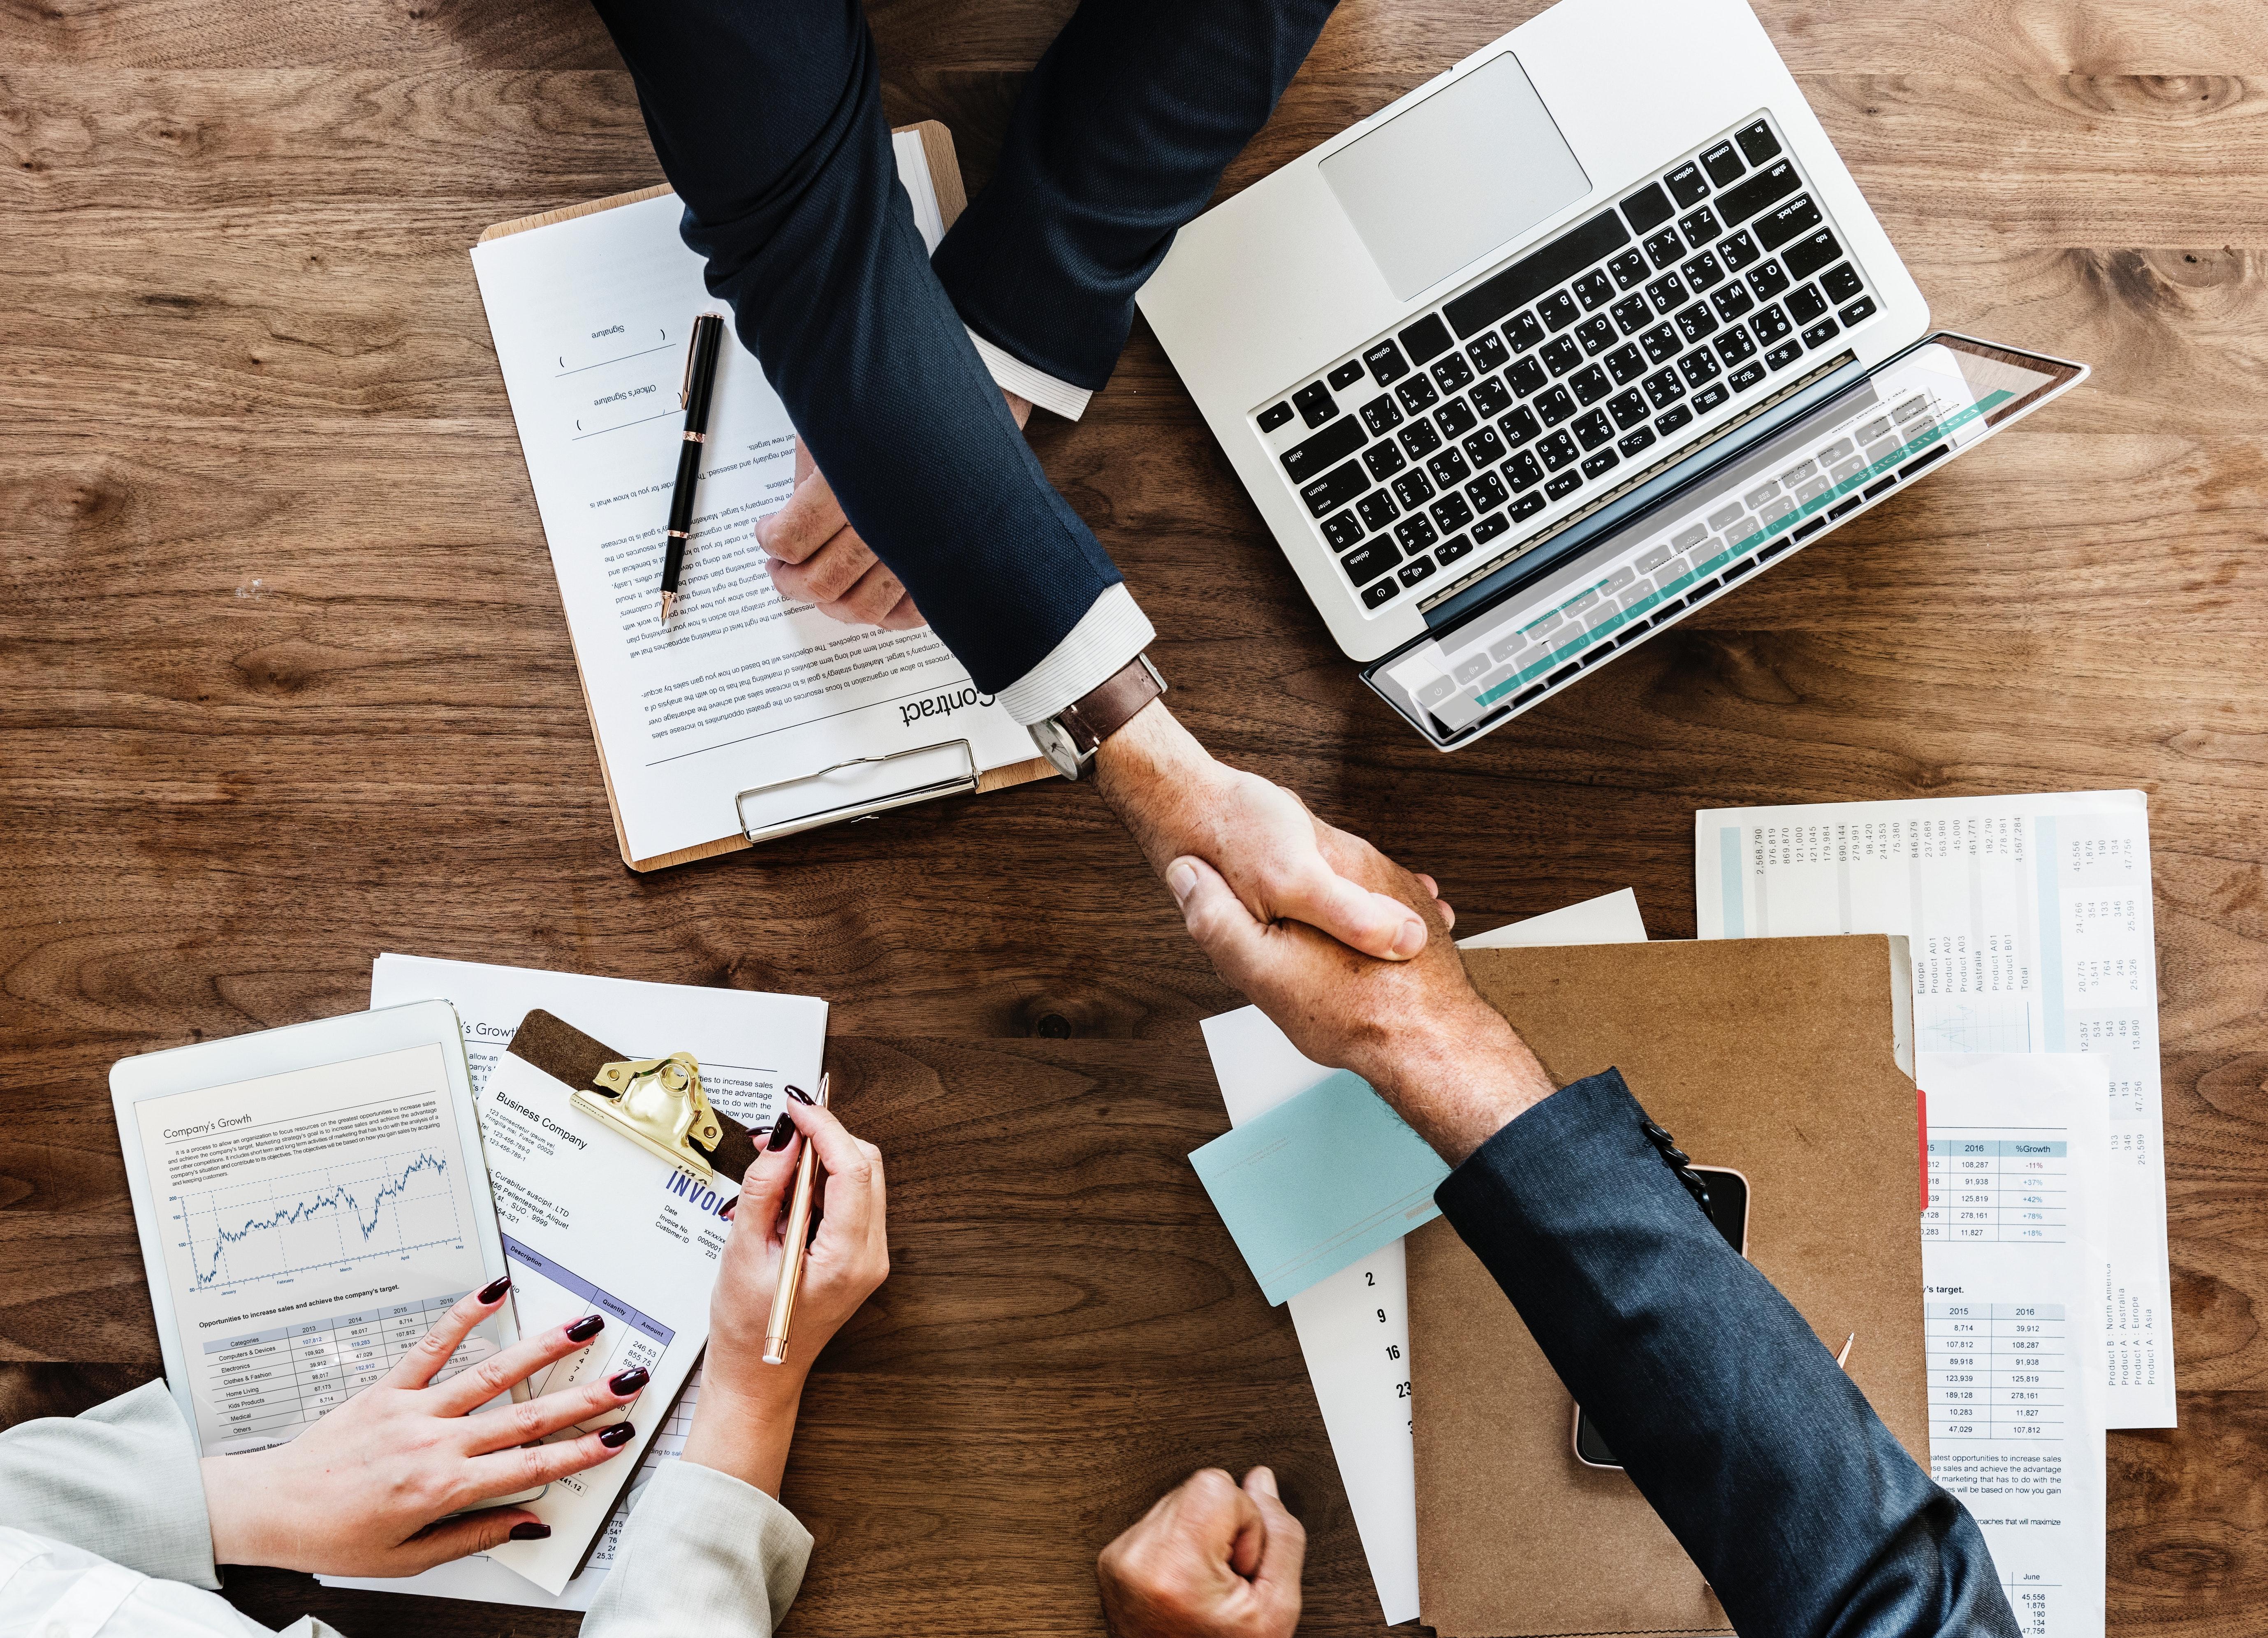 Sprawdź jakich kontrahentów szukają zagraniczne firmy - oferty Enterprise Europe Network